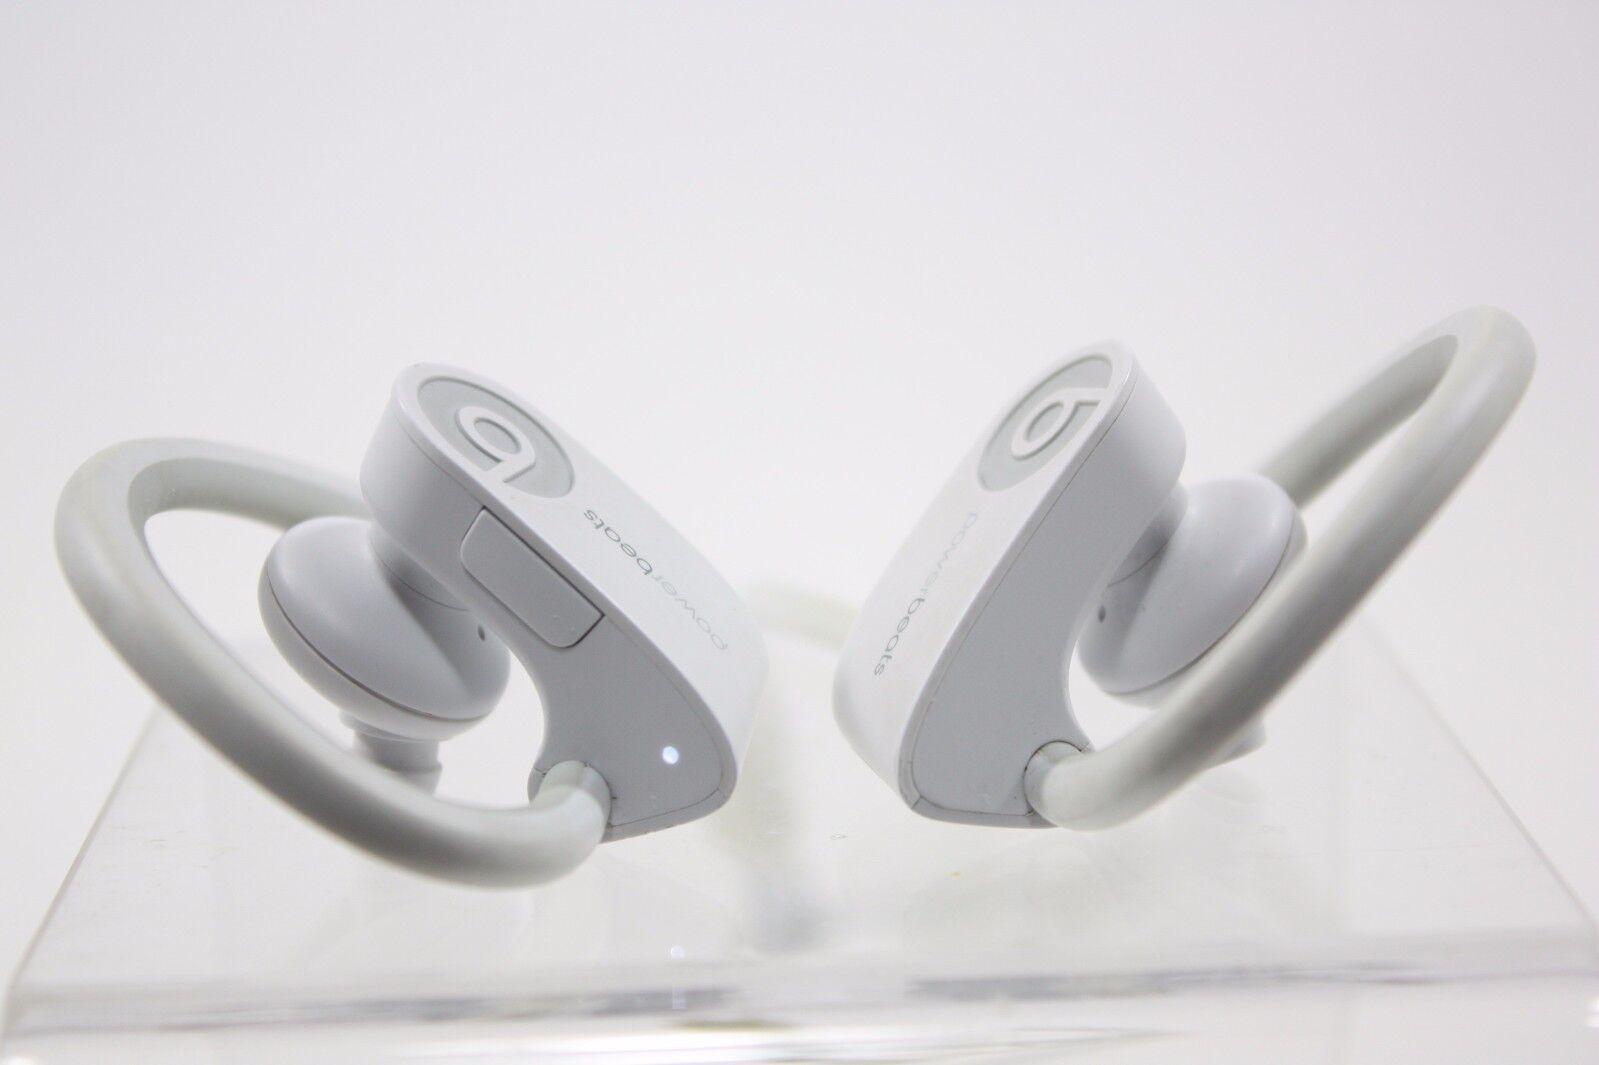 USED Beats by Dr. Dre Powerbeats 2 Wireless In-Ear Headphones - White (B0516)